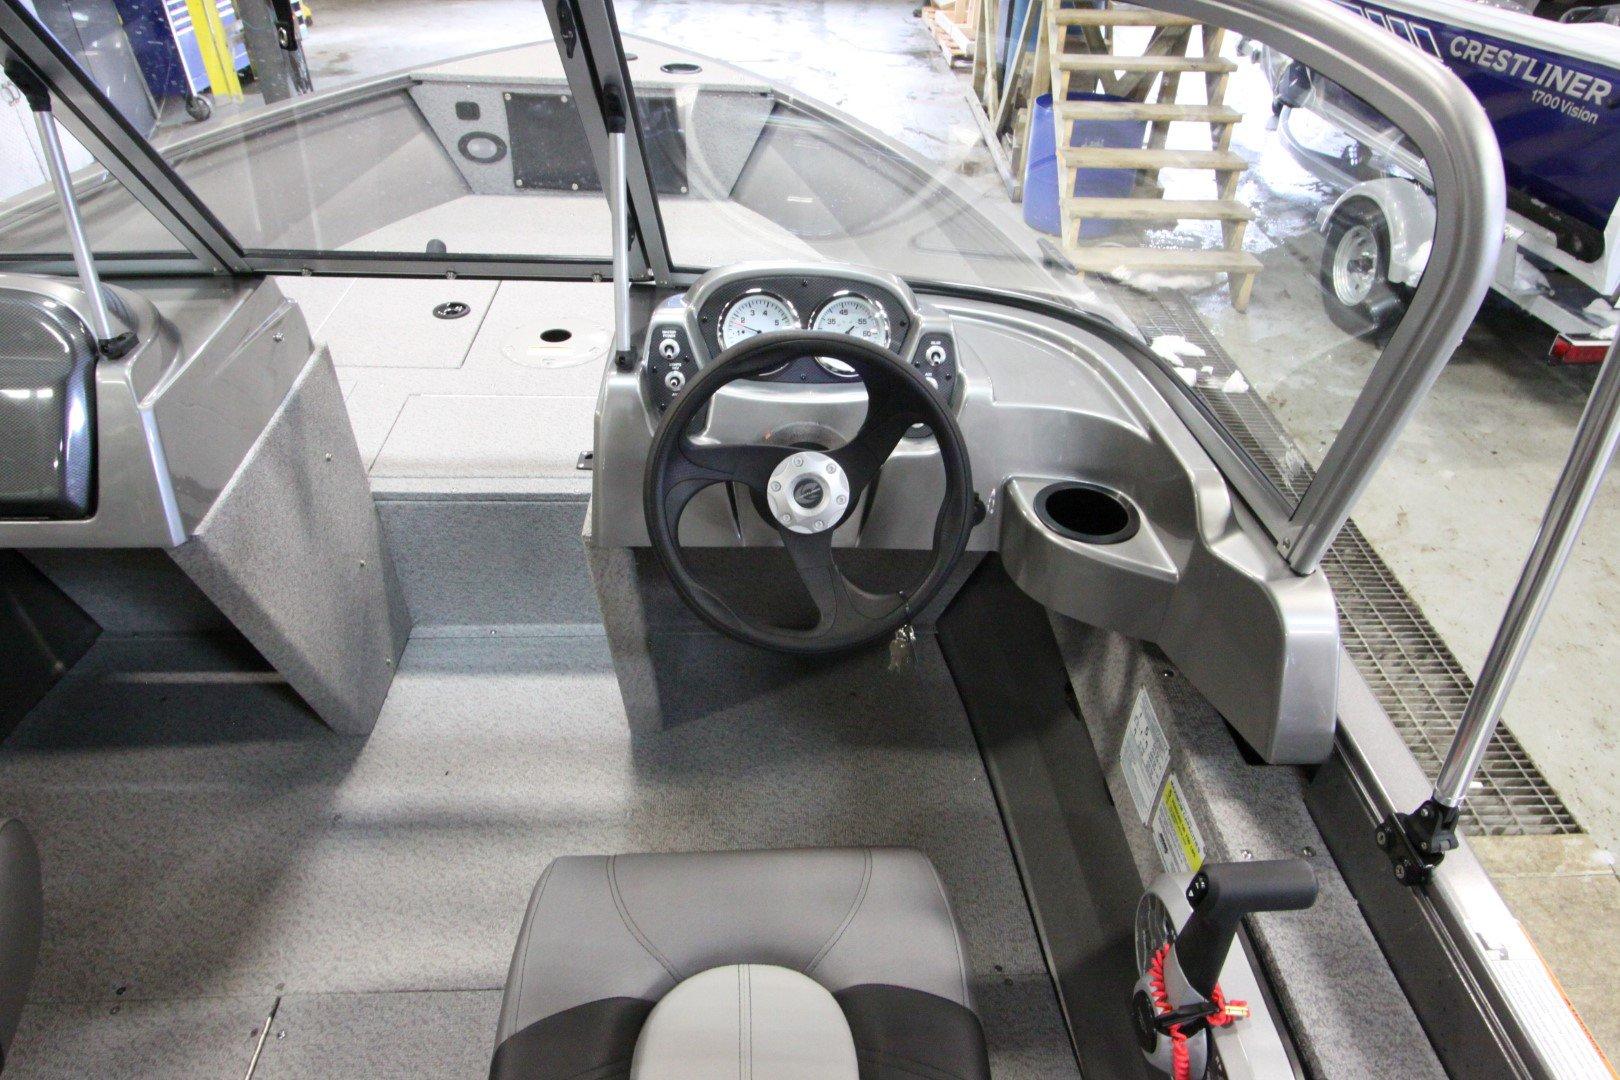 Crestliner Vision 1600 - IMG_9374